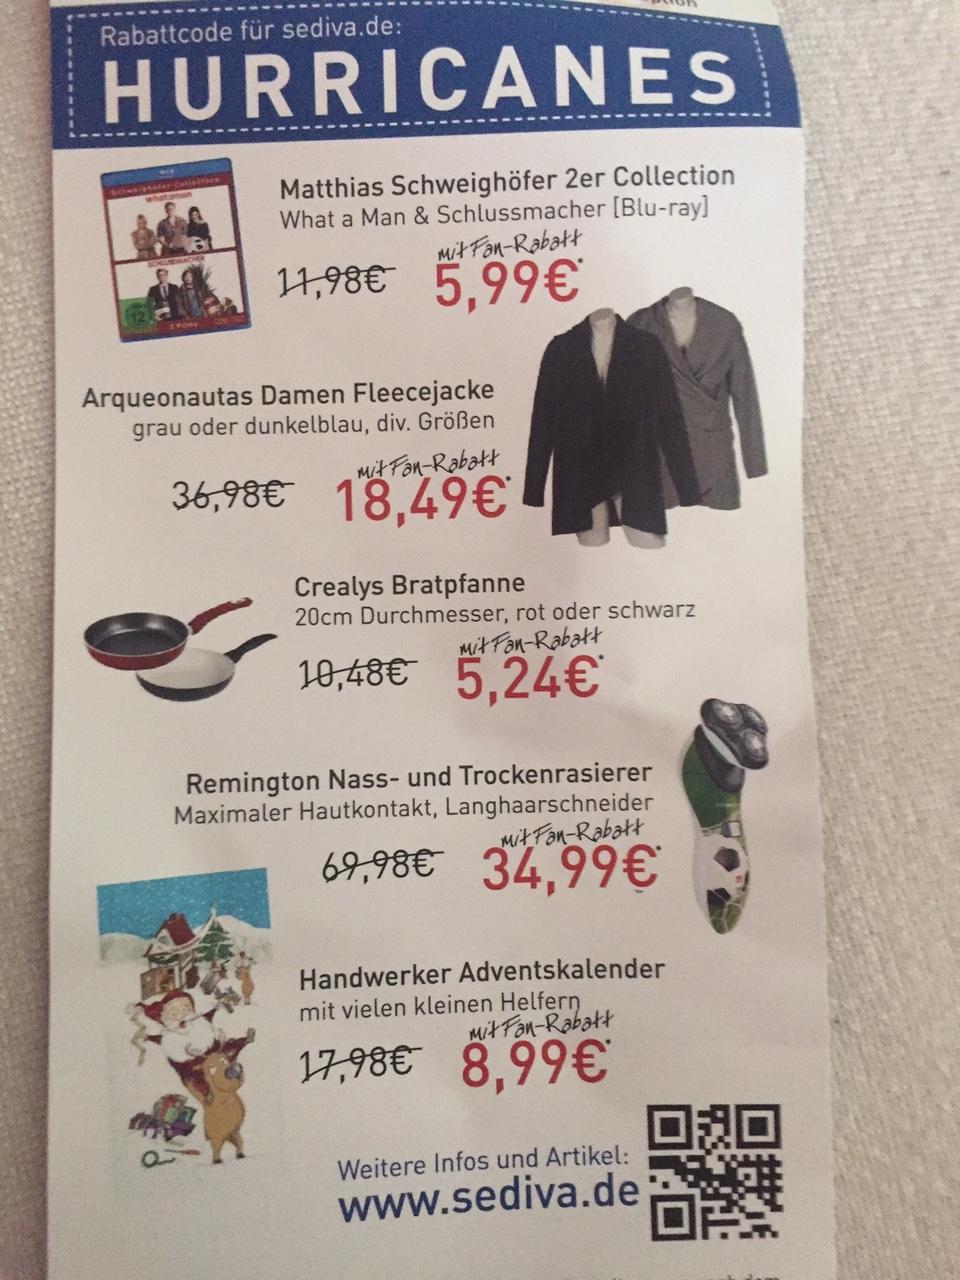 [@Sediva] 50% Rabatt durch Gutscheincode HURRICANES: zB Matthias Schweighöfer 2erCollection - What a Man/Schlussmacher [Blu-ray] für 5,99 oder Heimwerker Adventskalender für 8,99 (anstelle 17,98) (zzgl Versand) und viele weitere Artikel